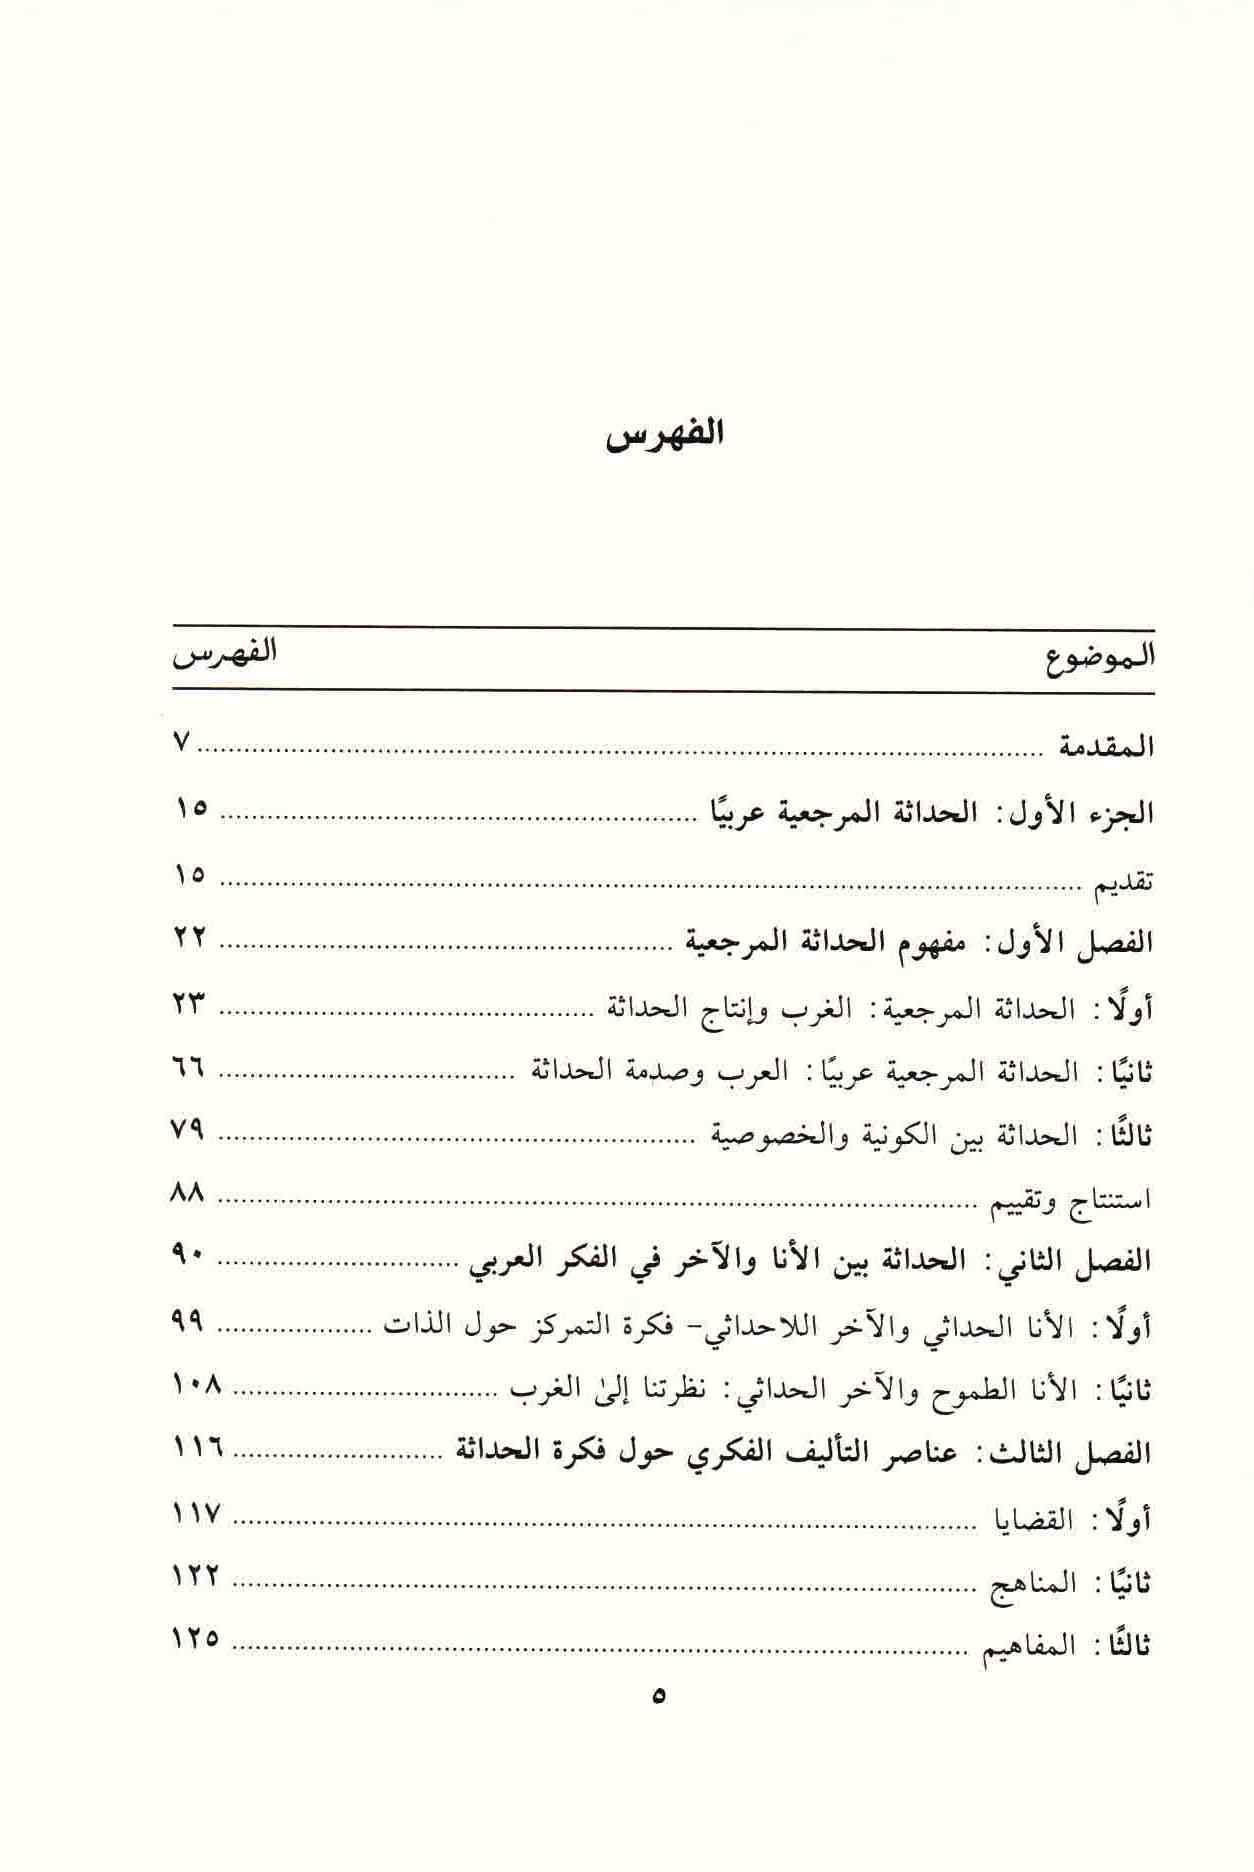 ص 5 محتويات كتاب الحداثة الفكرية